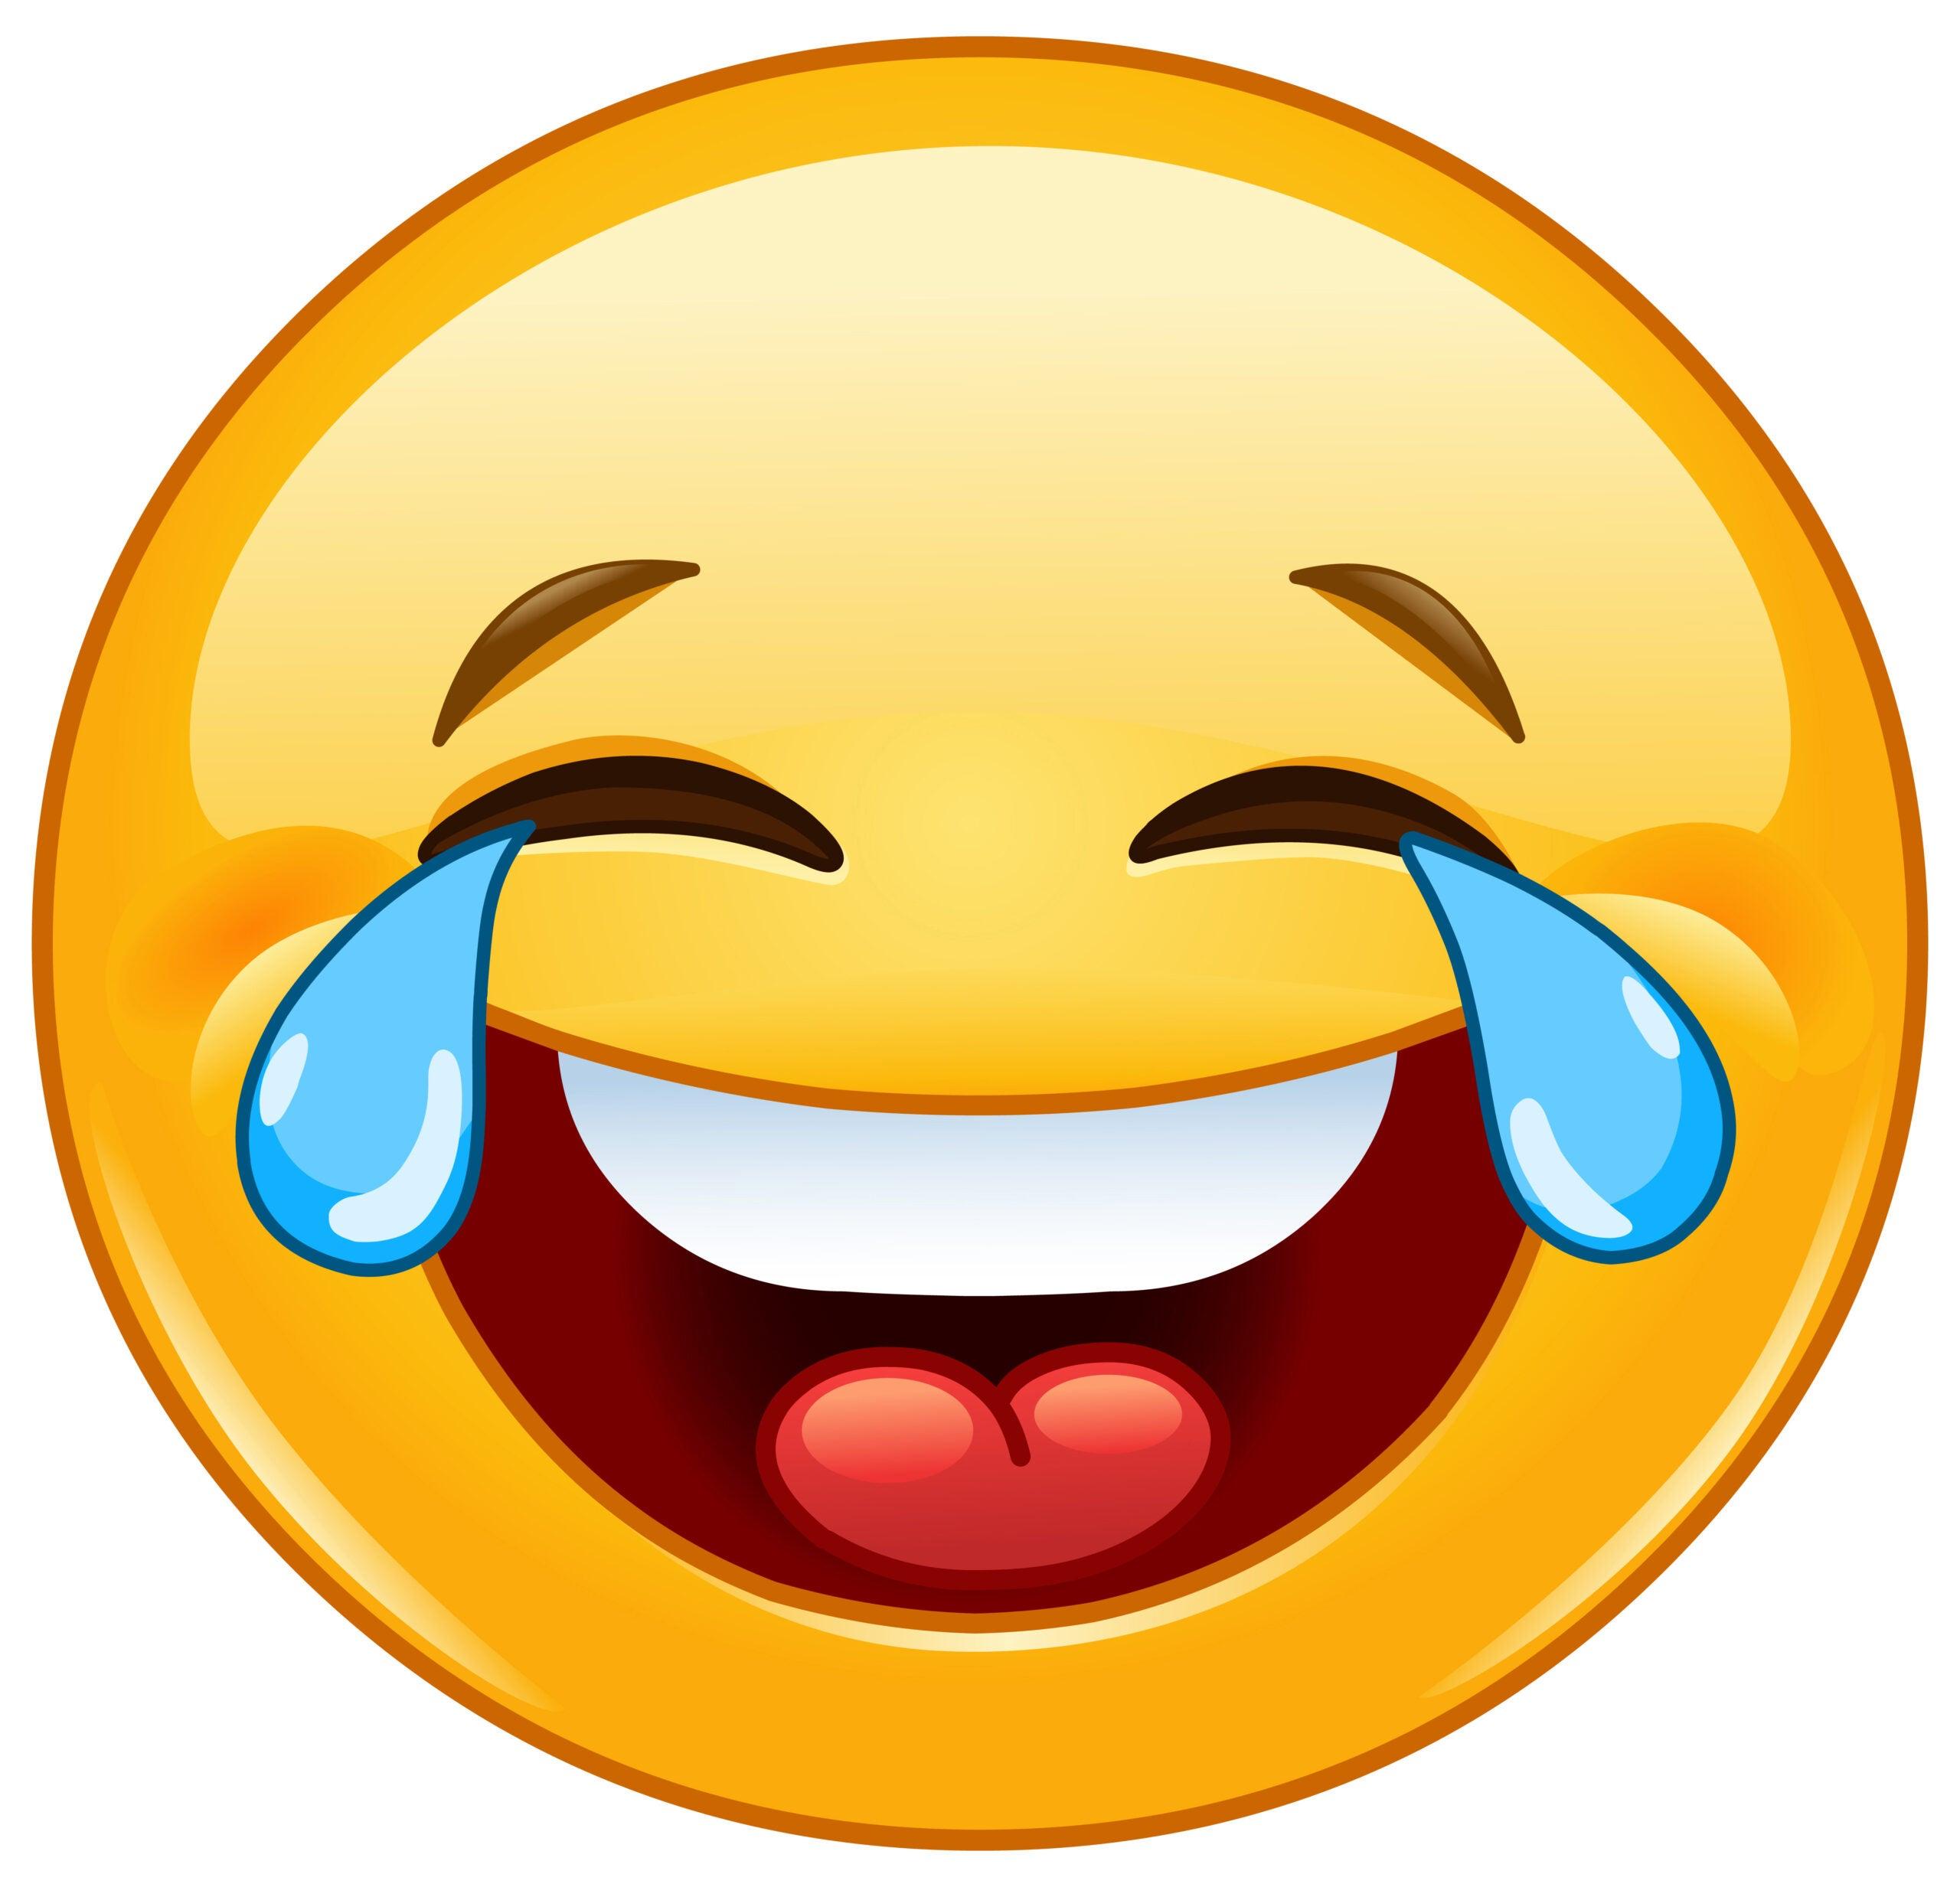 happy emoticon joy